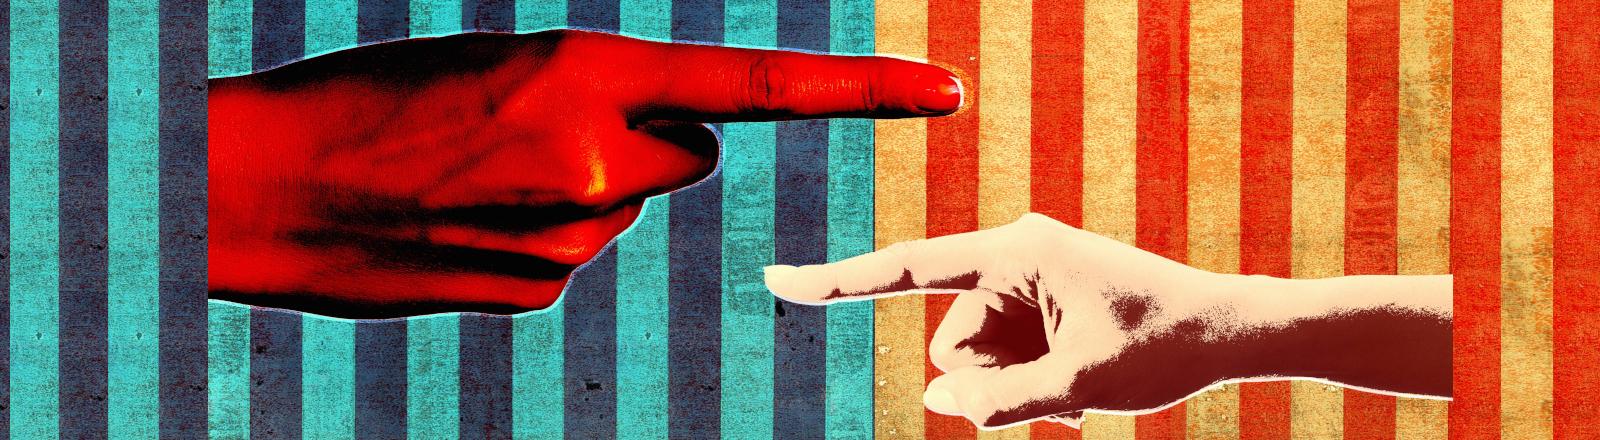 Collage von zwei Fingern, die aufeinander zeigen